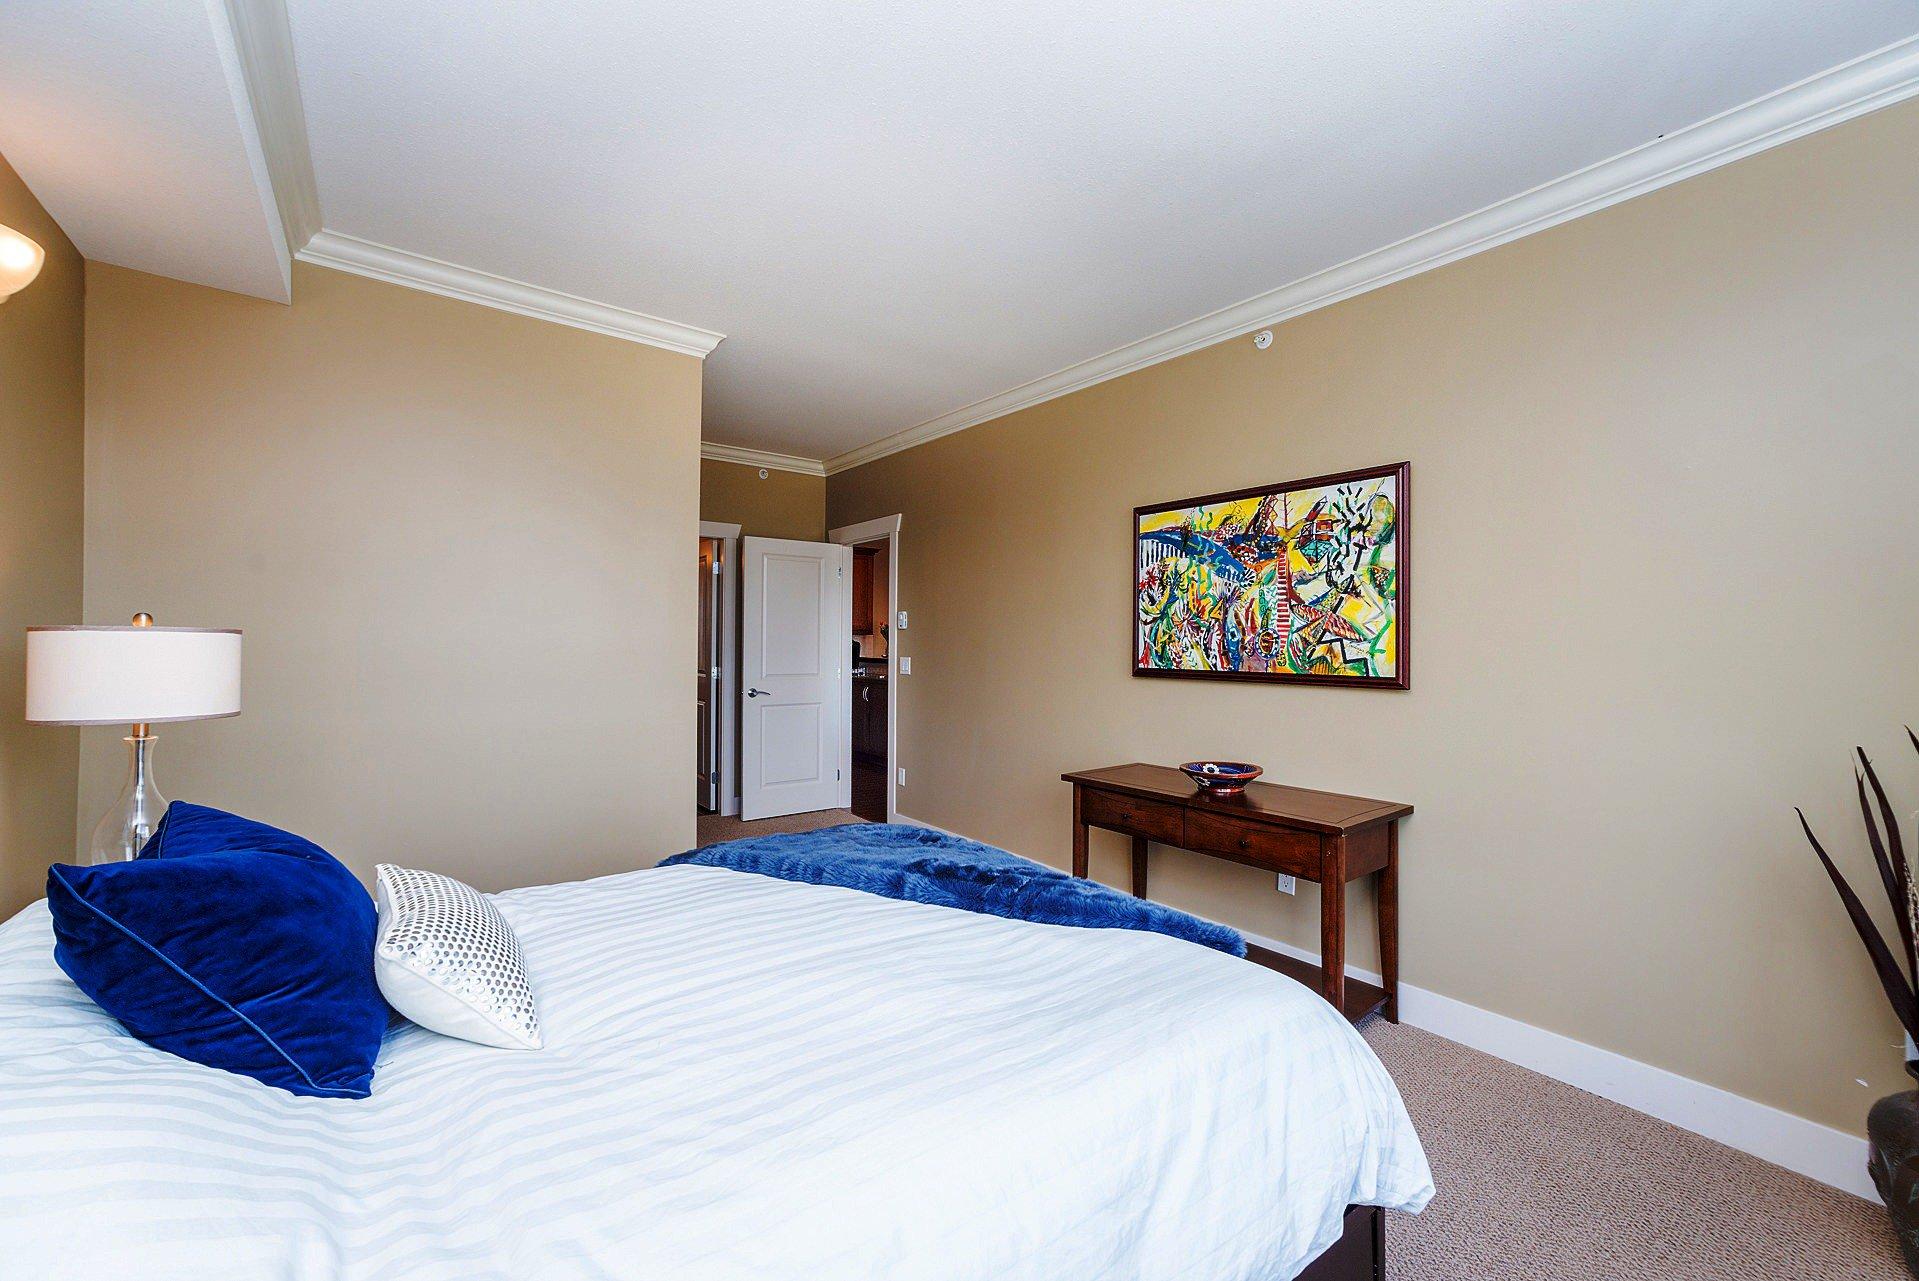 """Photo 14: Photos: 408 15368 17A Avenue in Surrey: King George Corridor Condo for sale in """"OCEAN WYNDE"""" (South Surrey White Rock)  : MLS®# R2249492"""